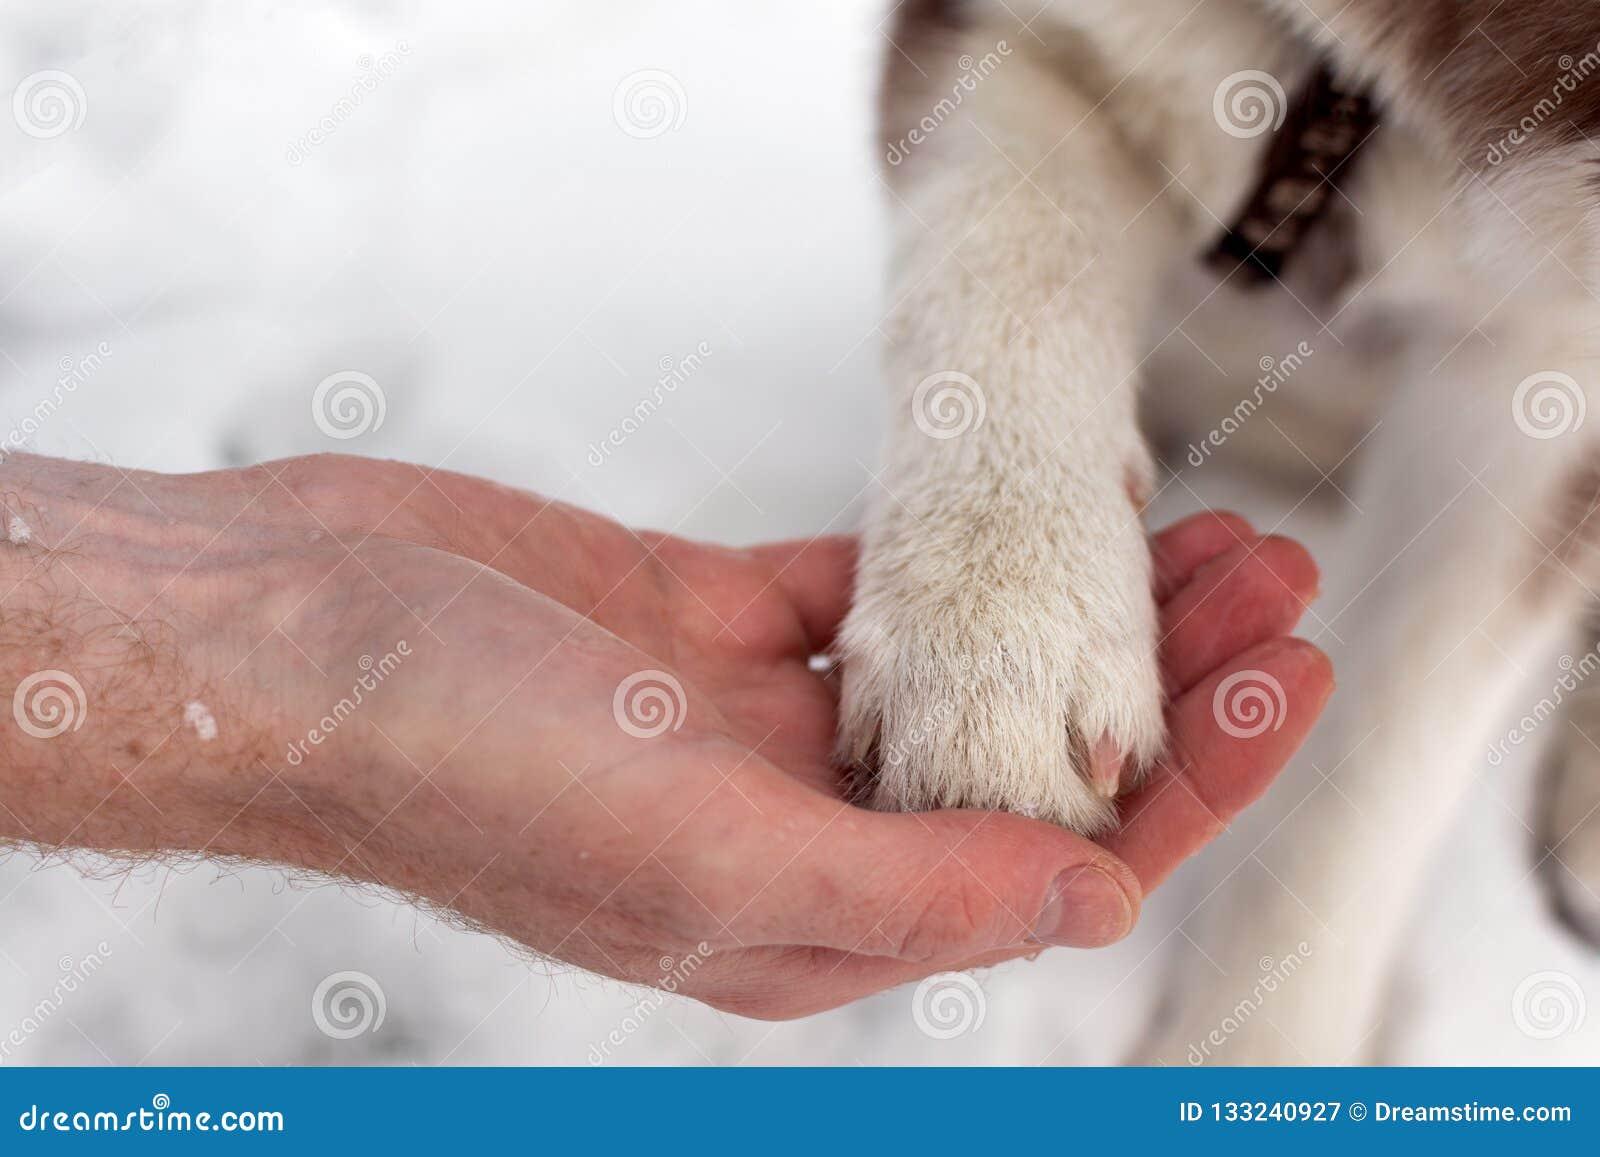 Psia łapa w ludzkiej ręce